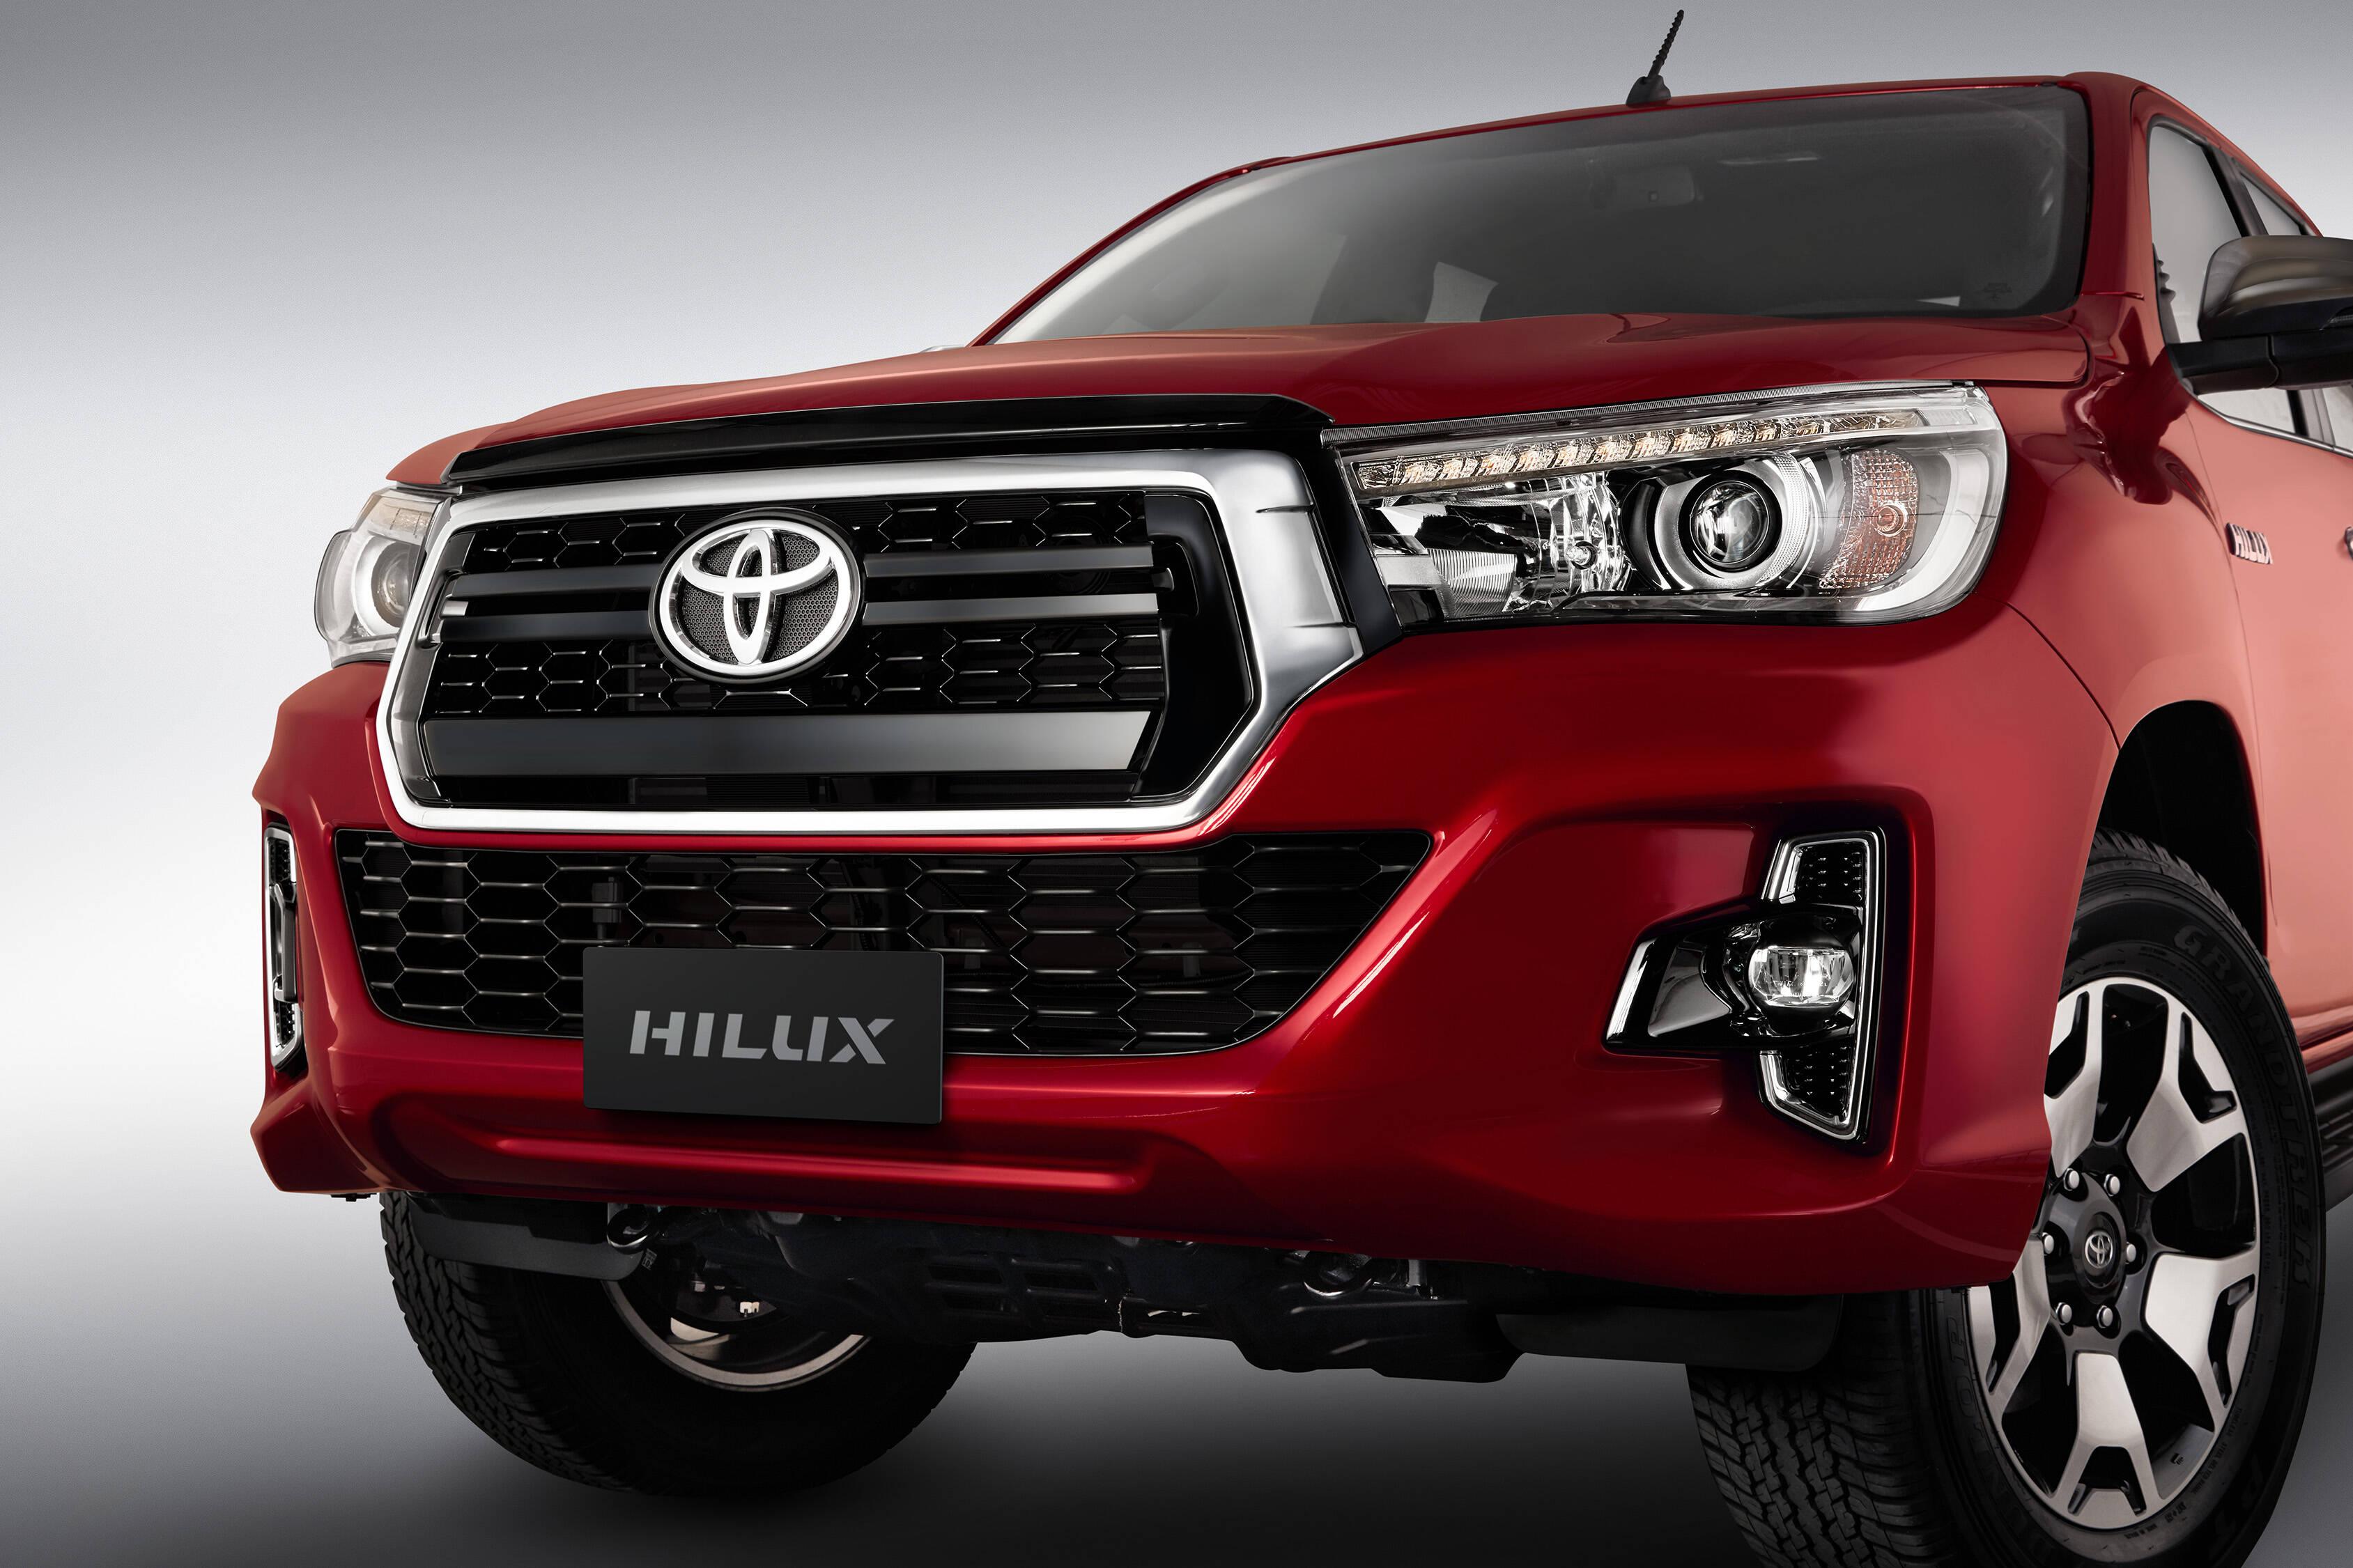 Toyota Hilux 2019. Foto: Divulgação